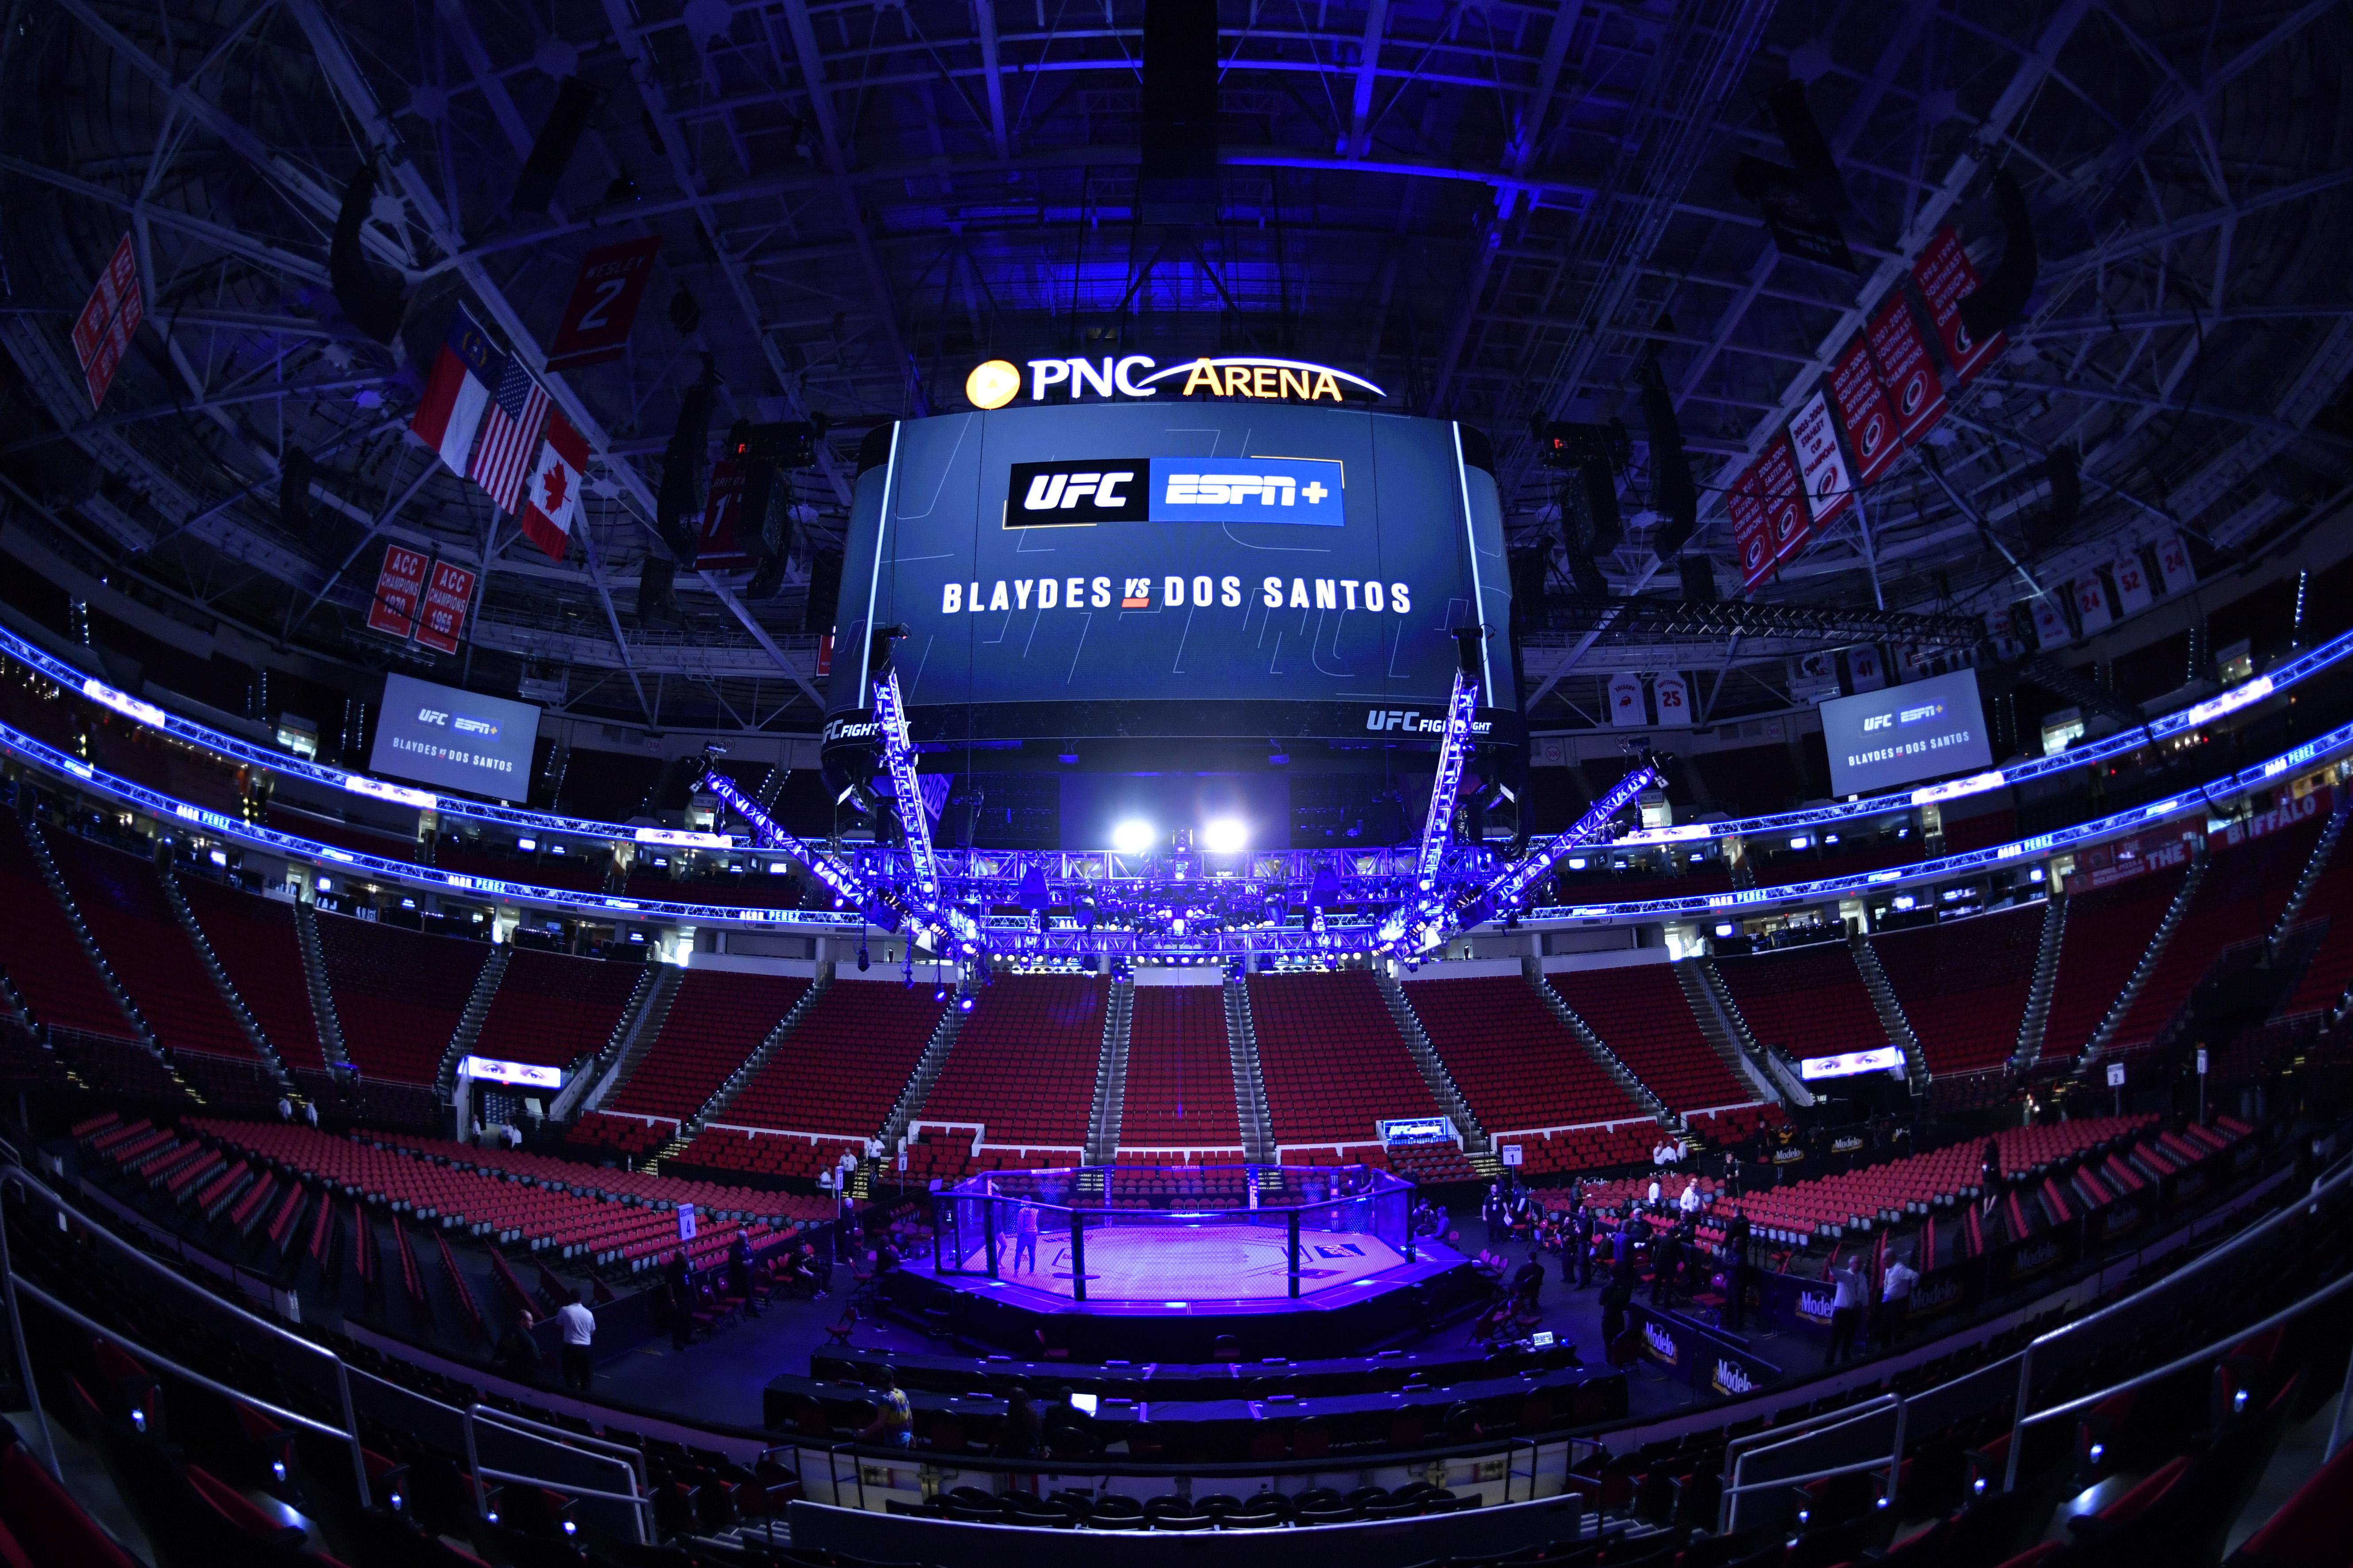 2020年1月25日,北卡罗来纳州罗利,在PNC竞技场举行UFC格斗之夜之前,八角球场的概览。